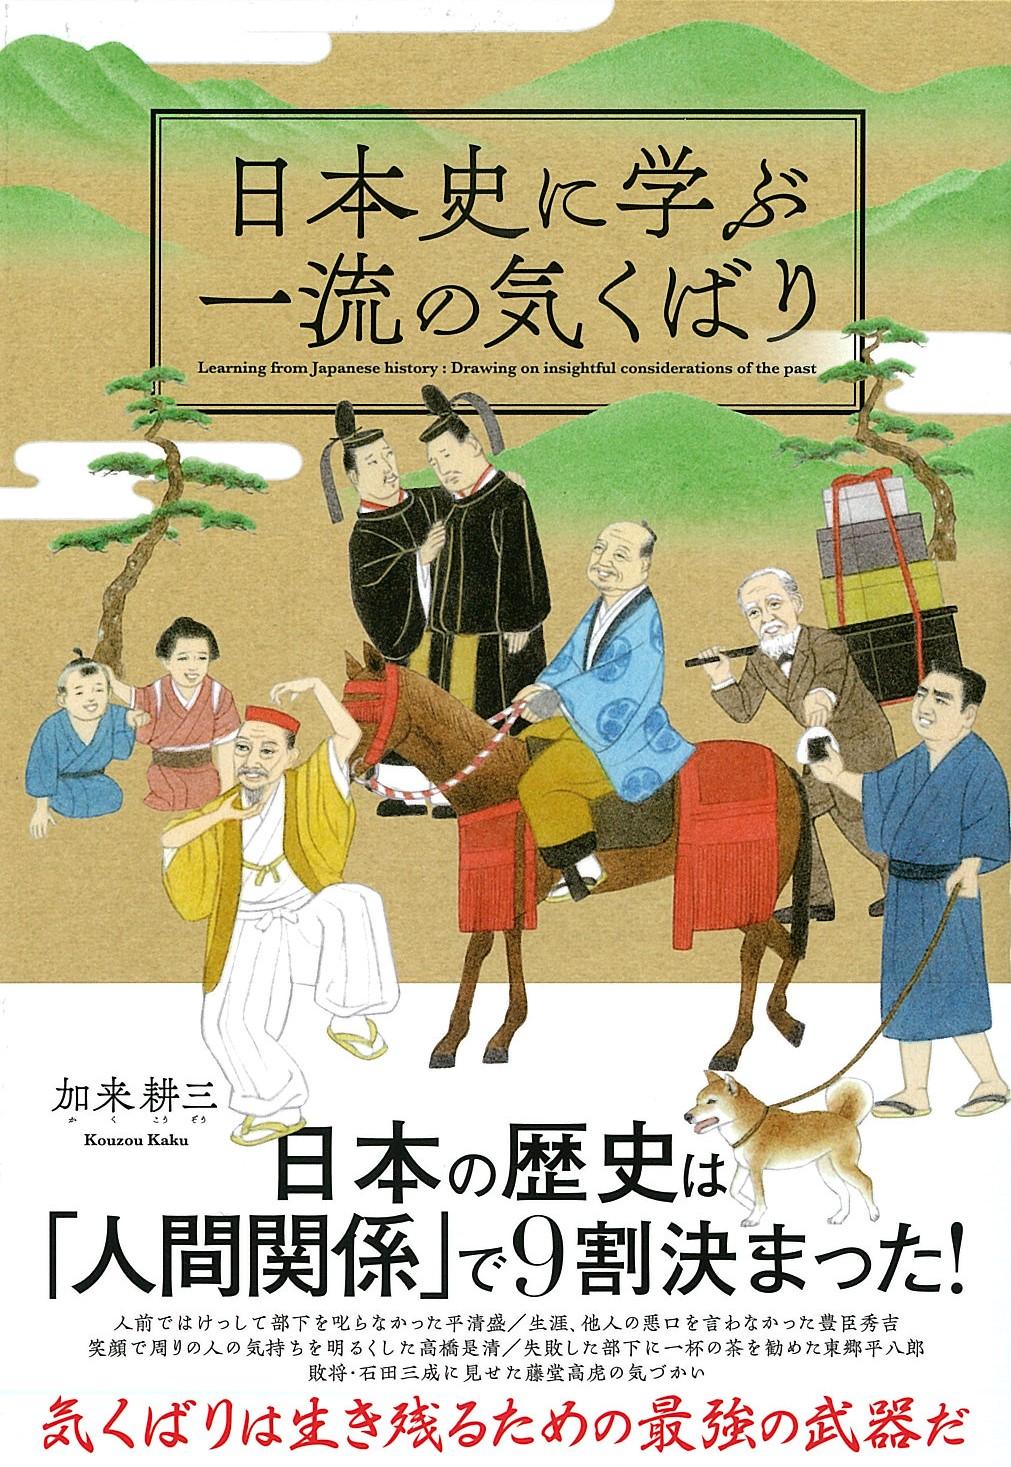 2月下旬、加来の新著『日本史に学ぶ一流の気くばり』が刊行となりました!!